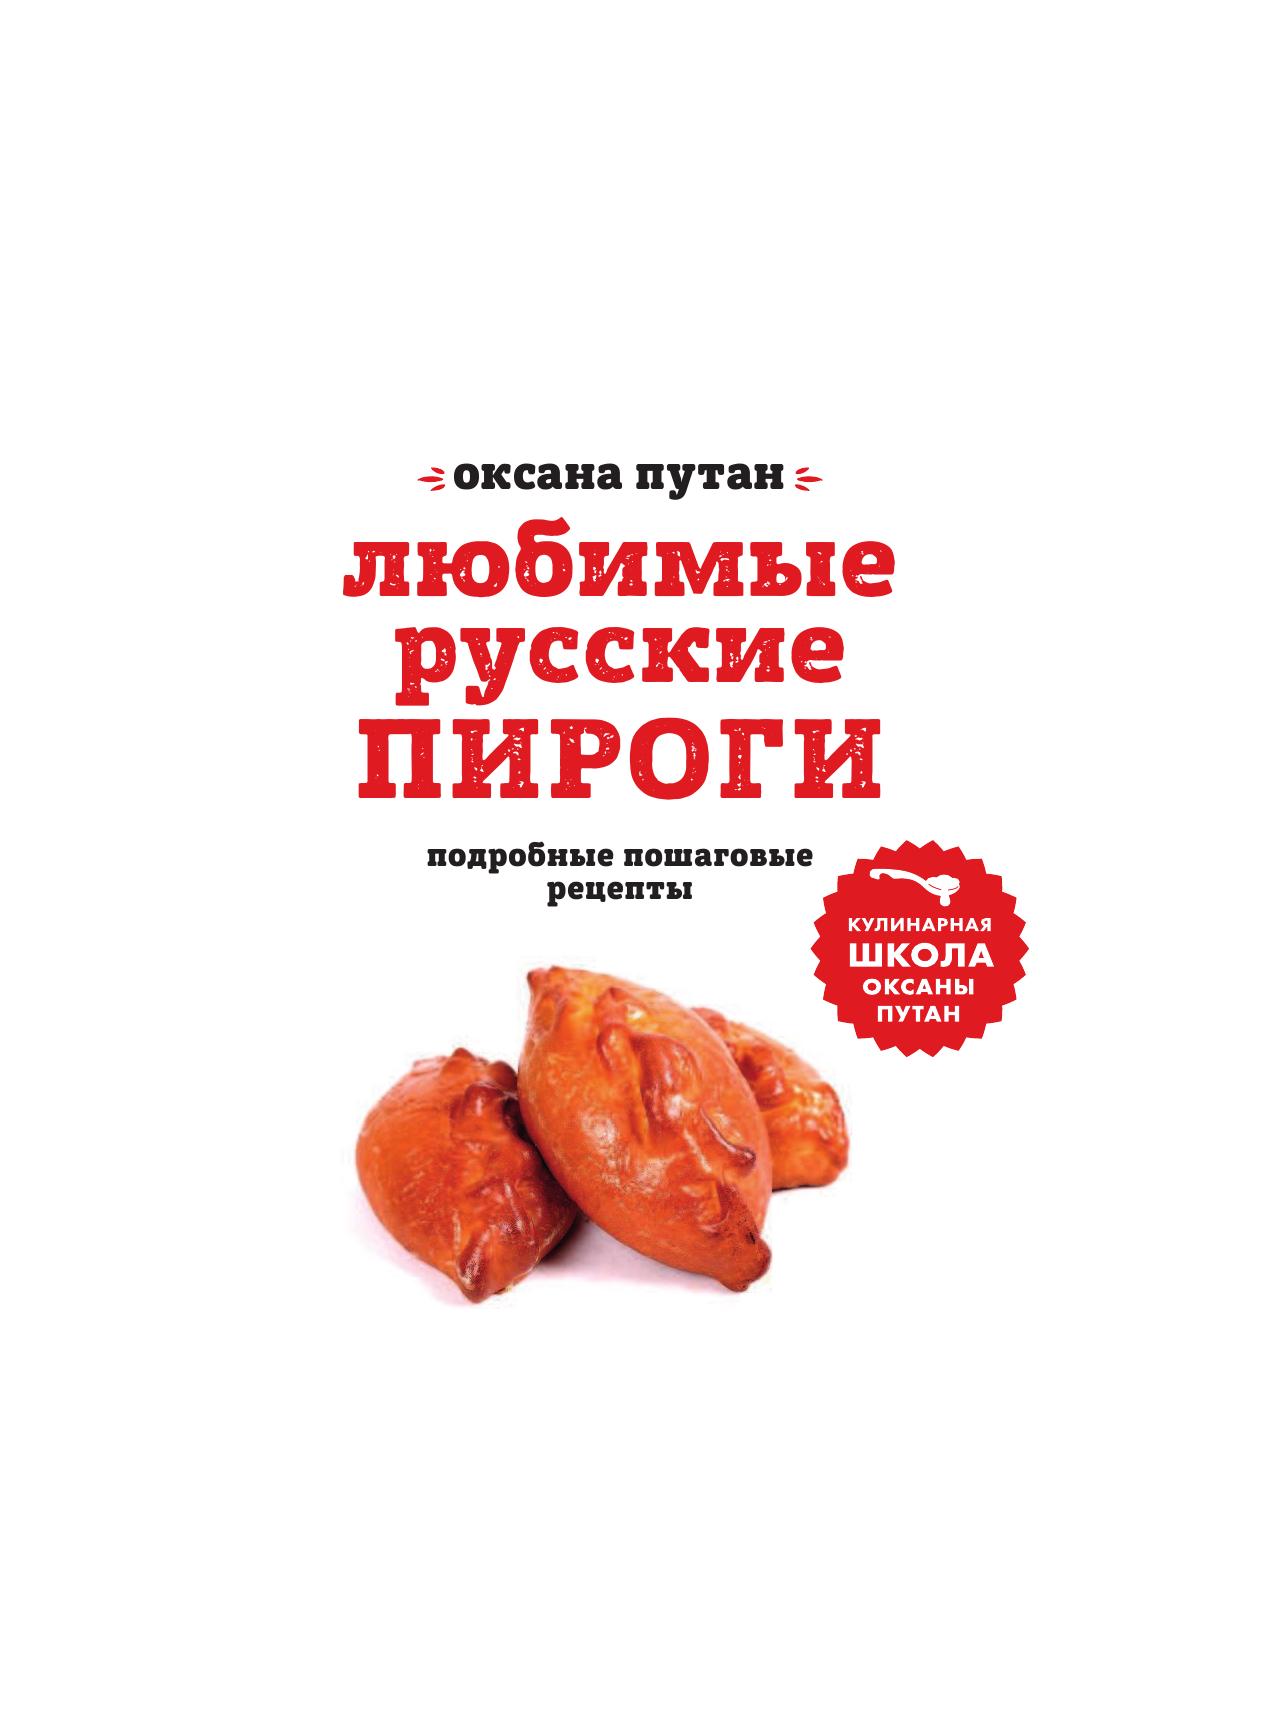 Пироги Оксаны Путан